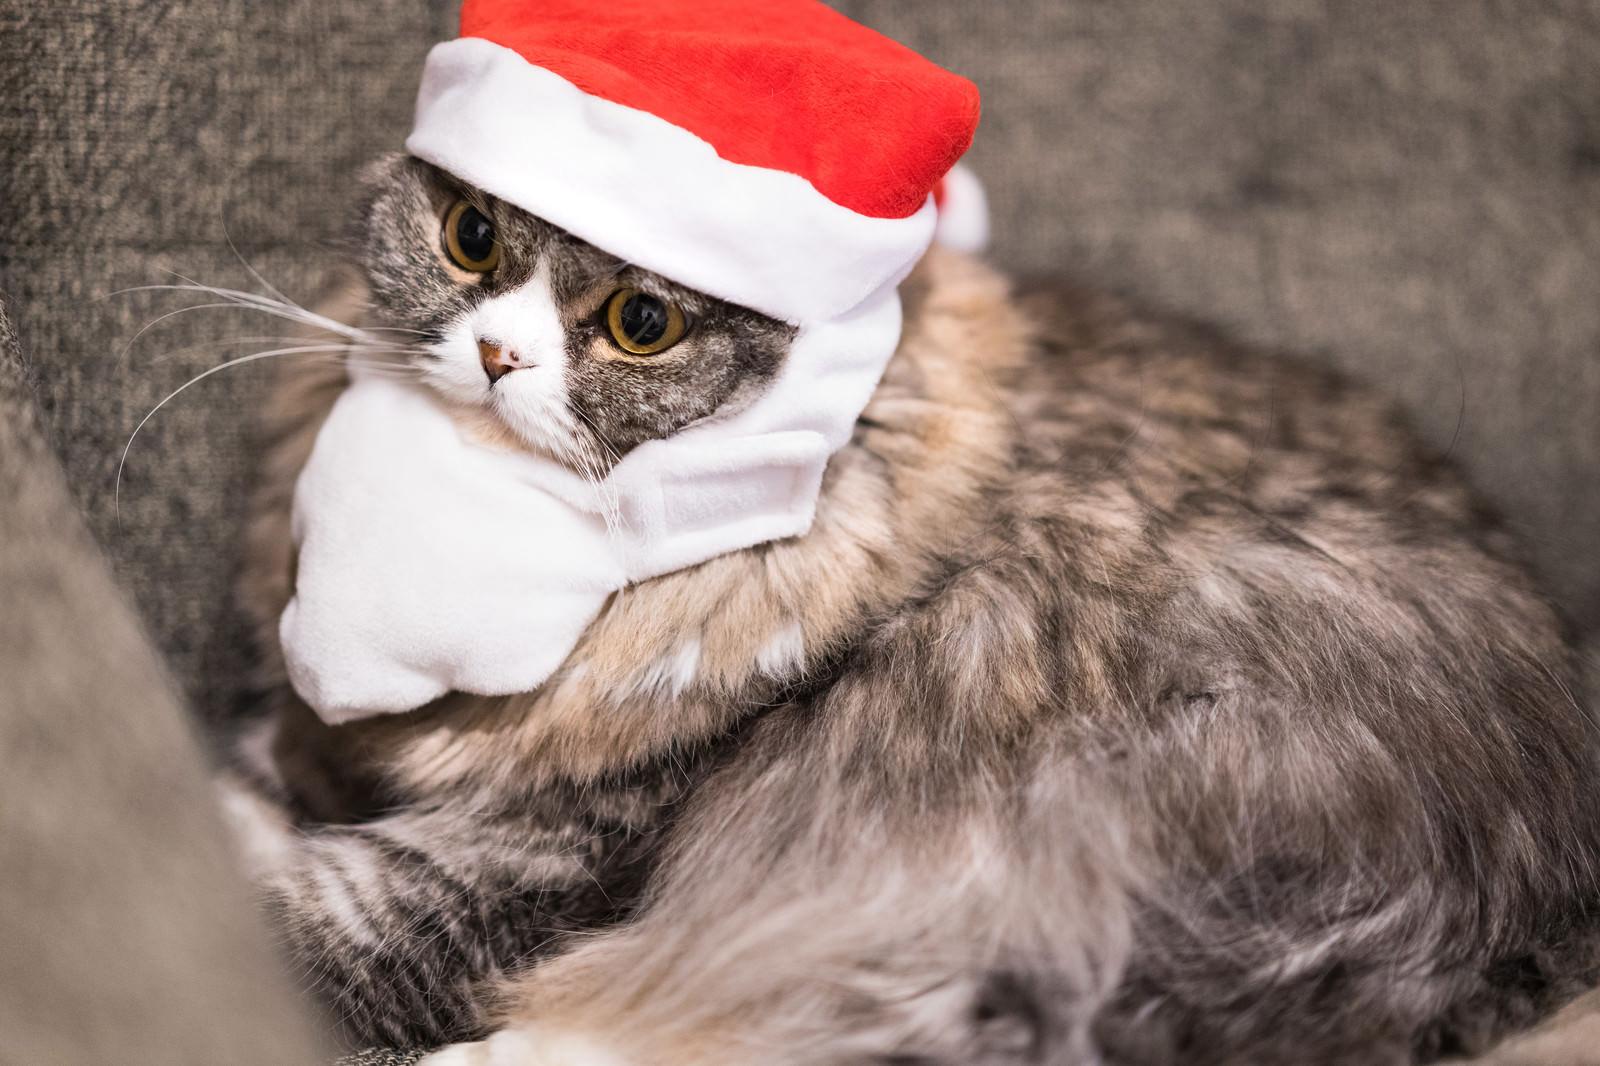 「サンタ帽をかぶったスコティッシュフォールド」の写真